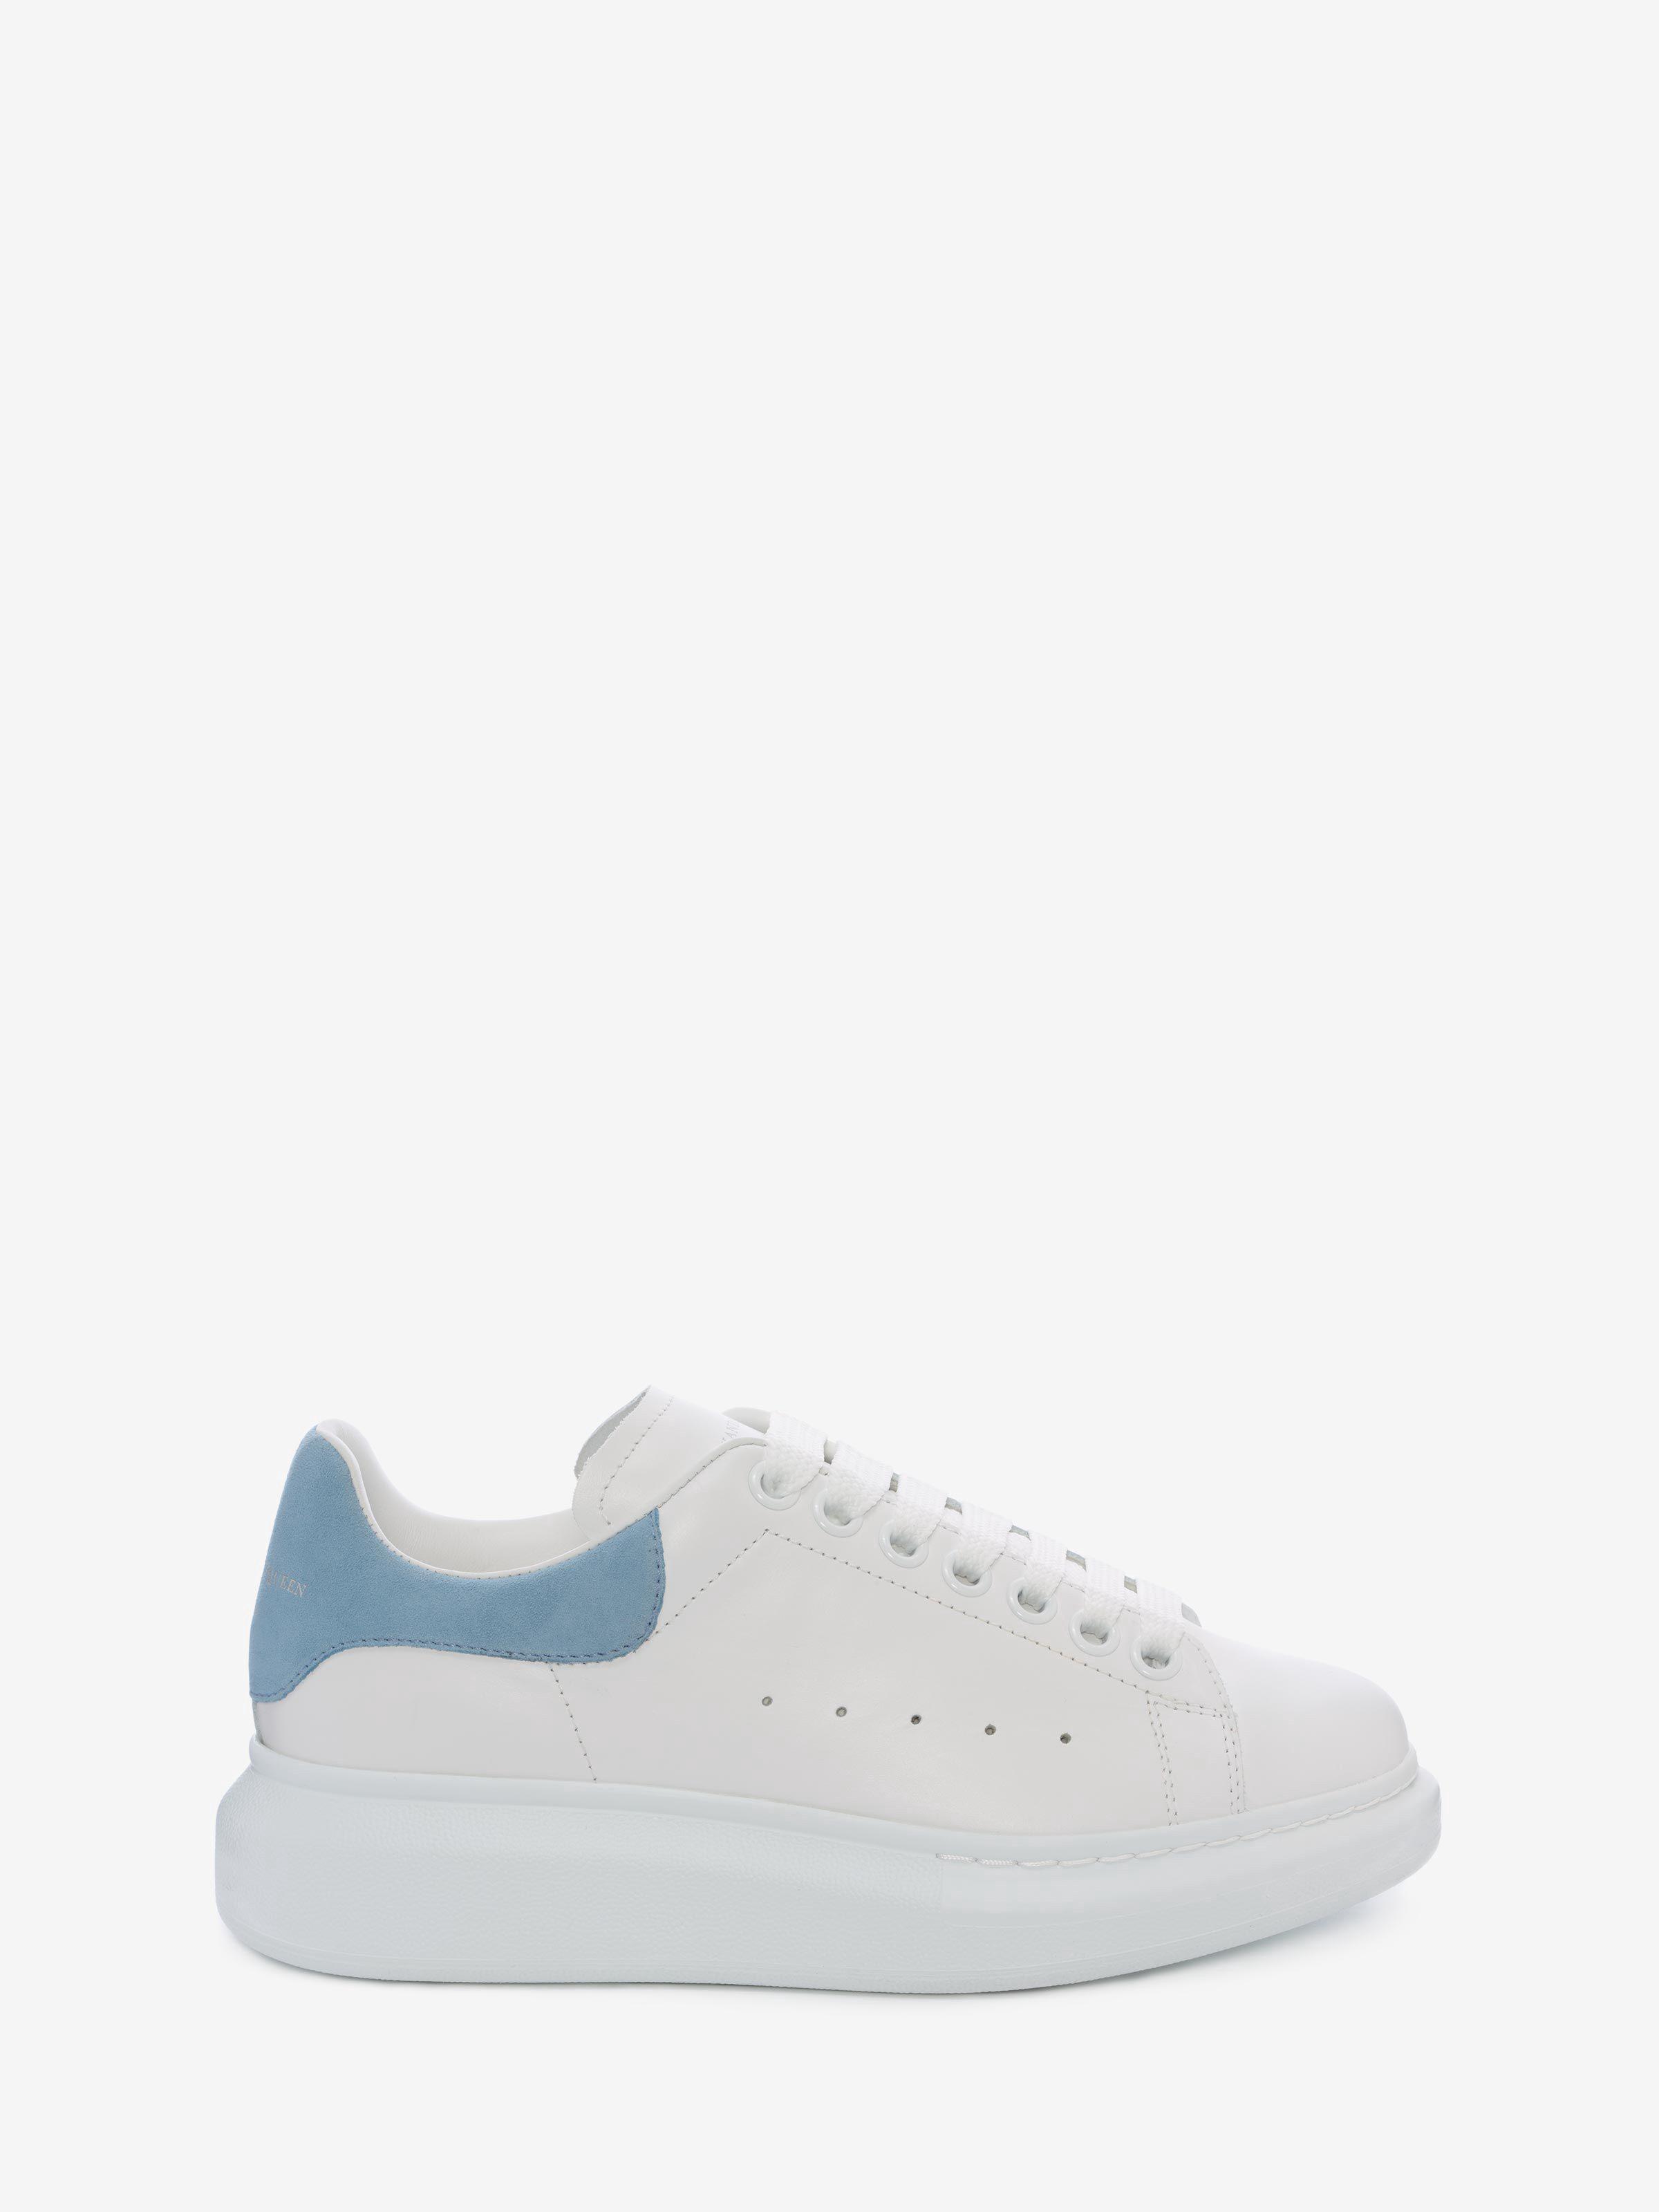 375a7da63f9 ALEXANDER MCQUEEN Oversized Sneaker.  alexandermcqueen  shoes ...